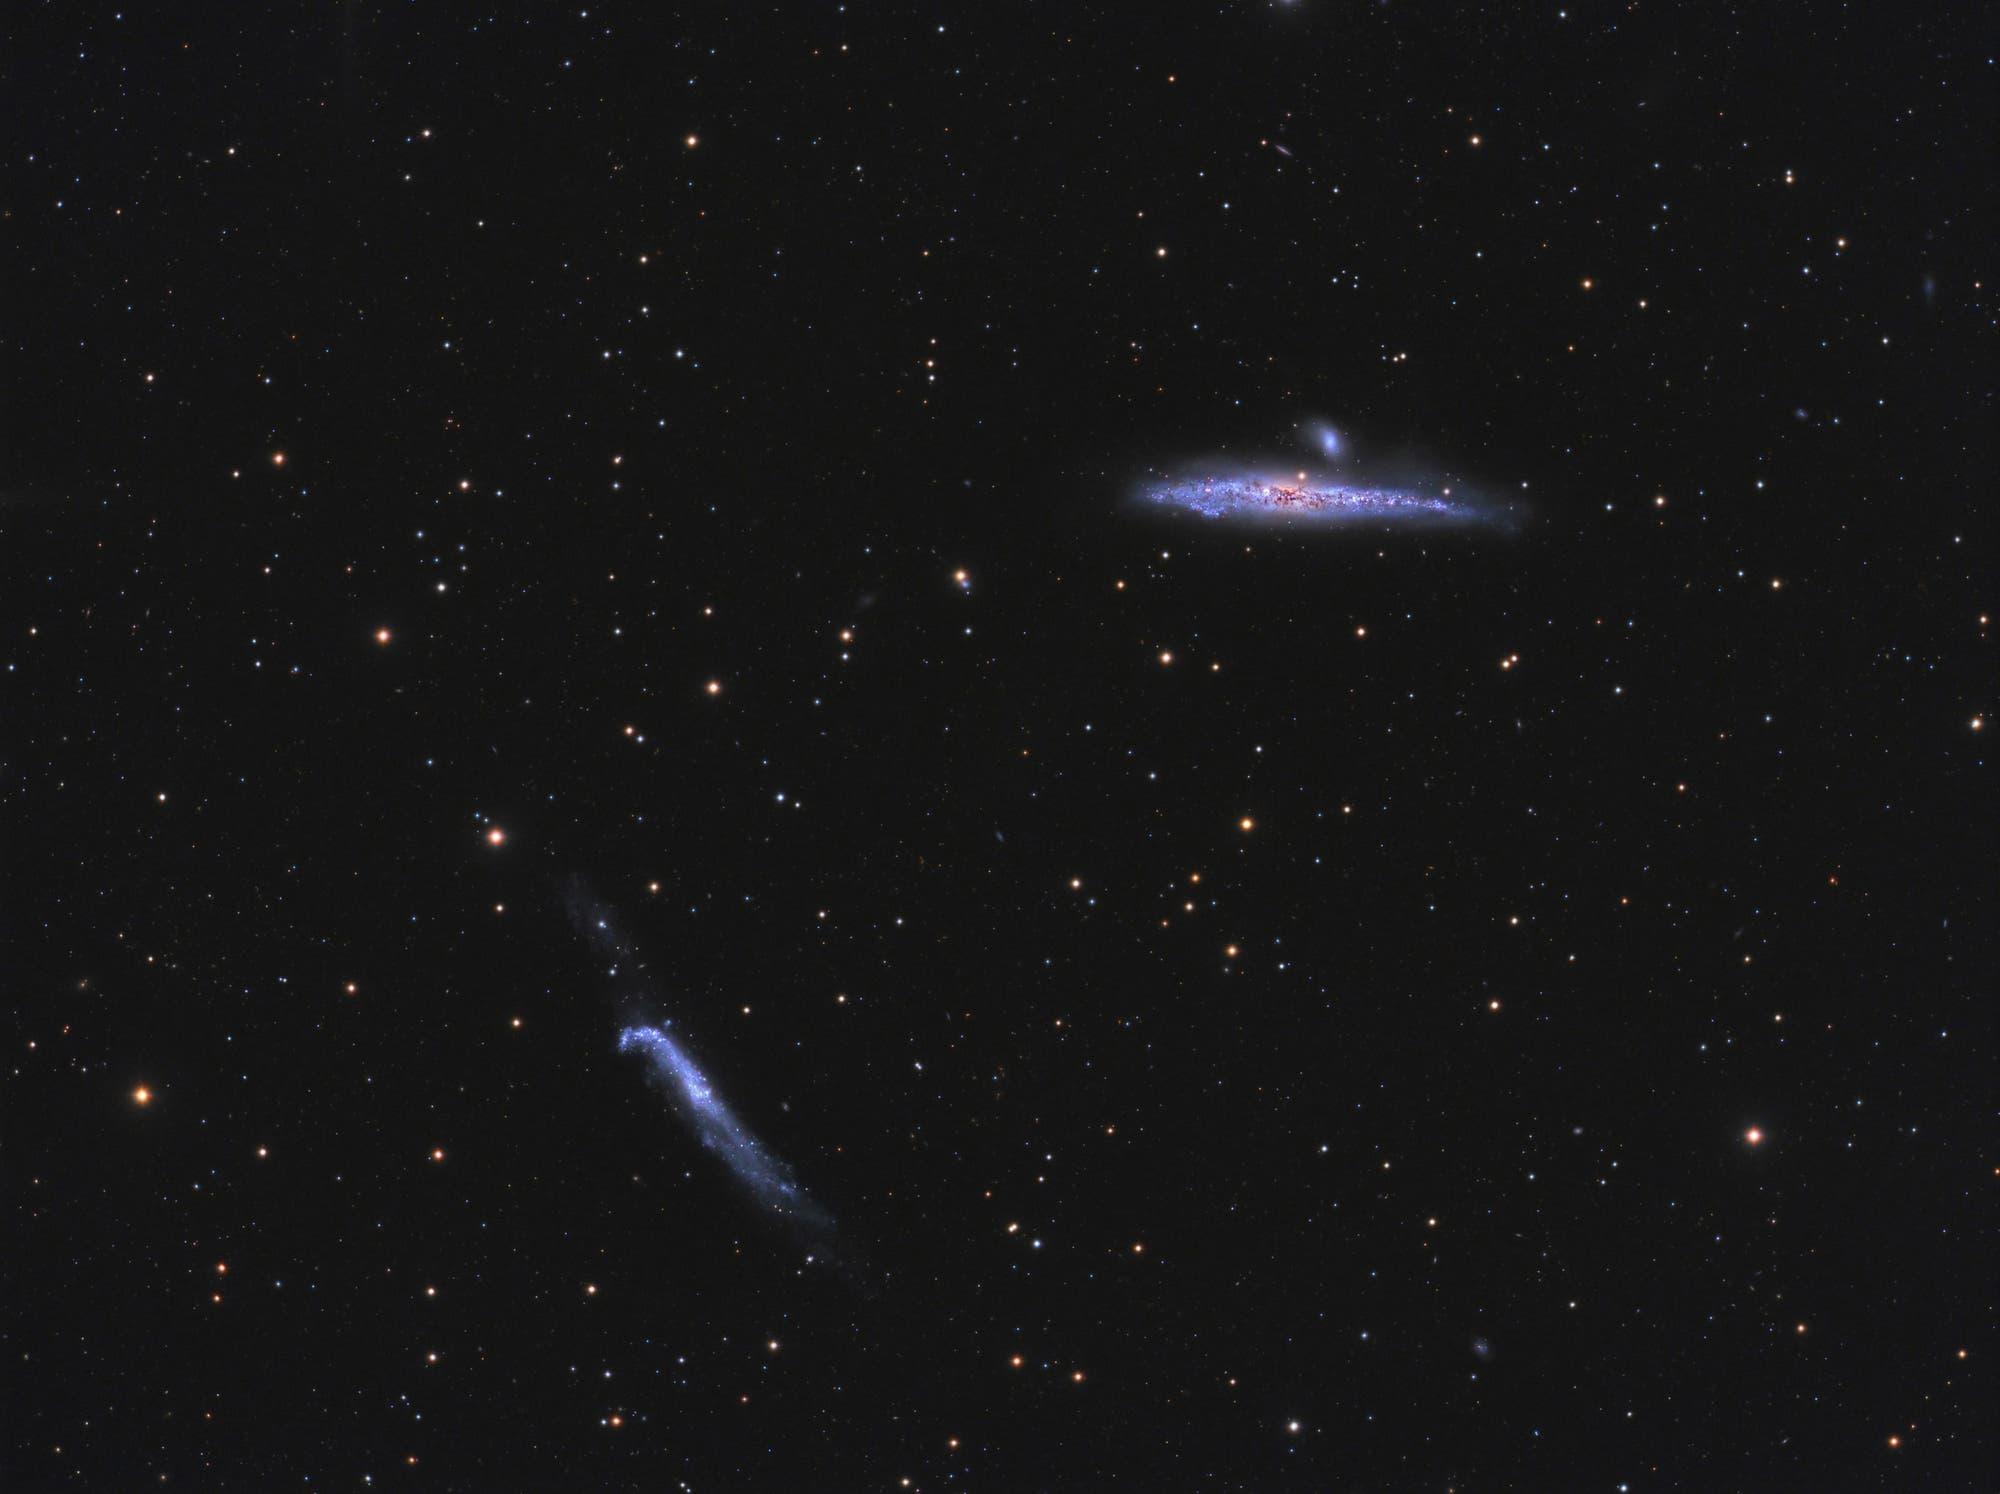 Der Walfisch und der Hockeyschläger (NGC 4631 und 4656)